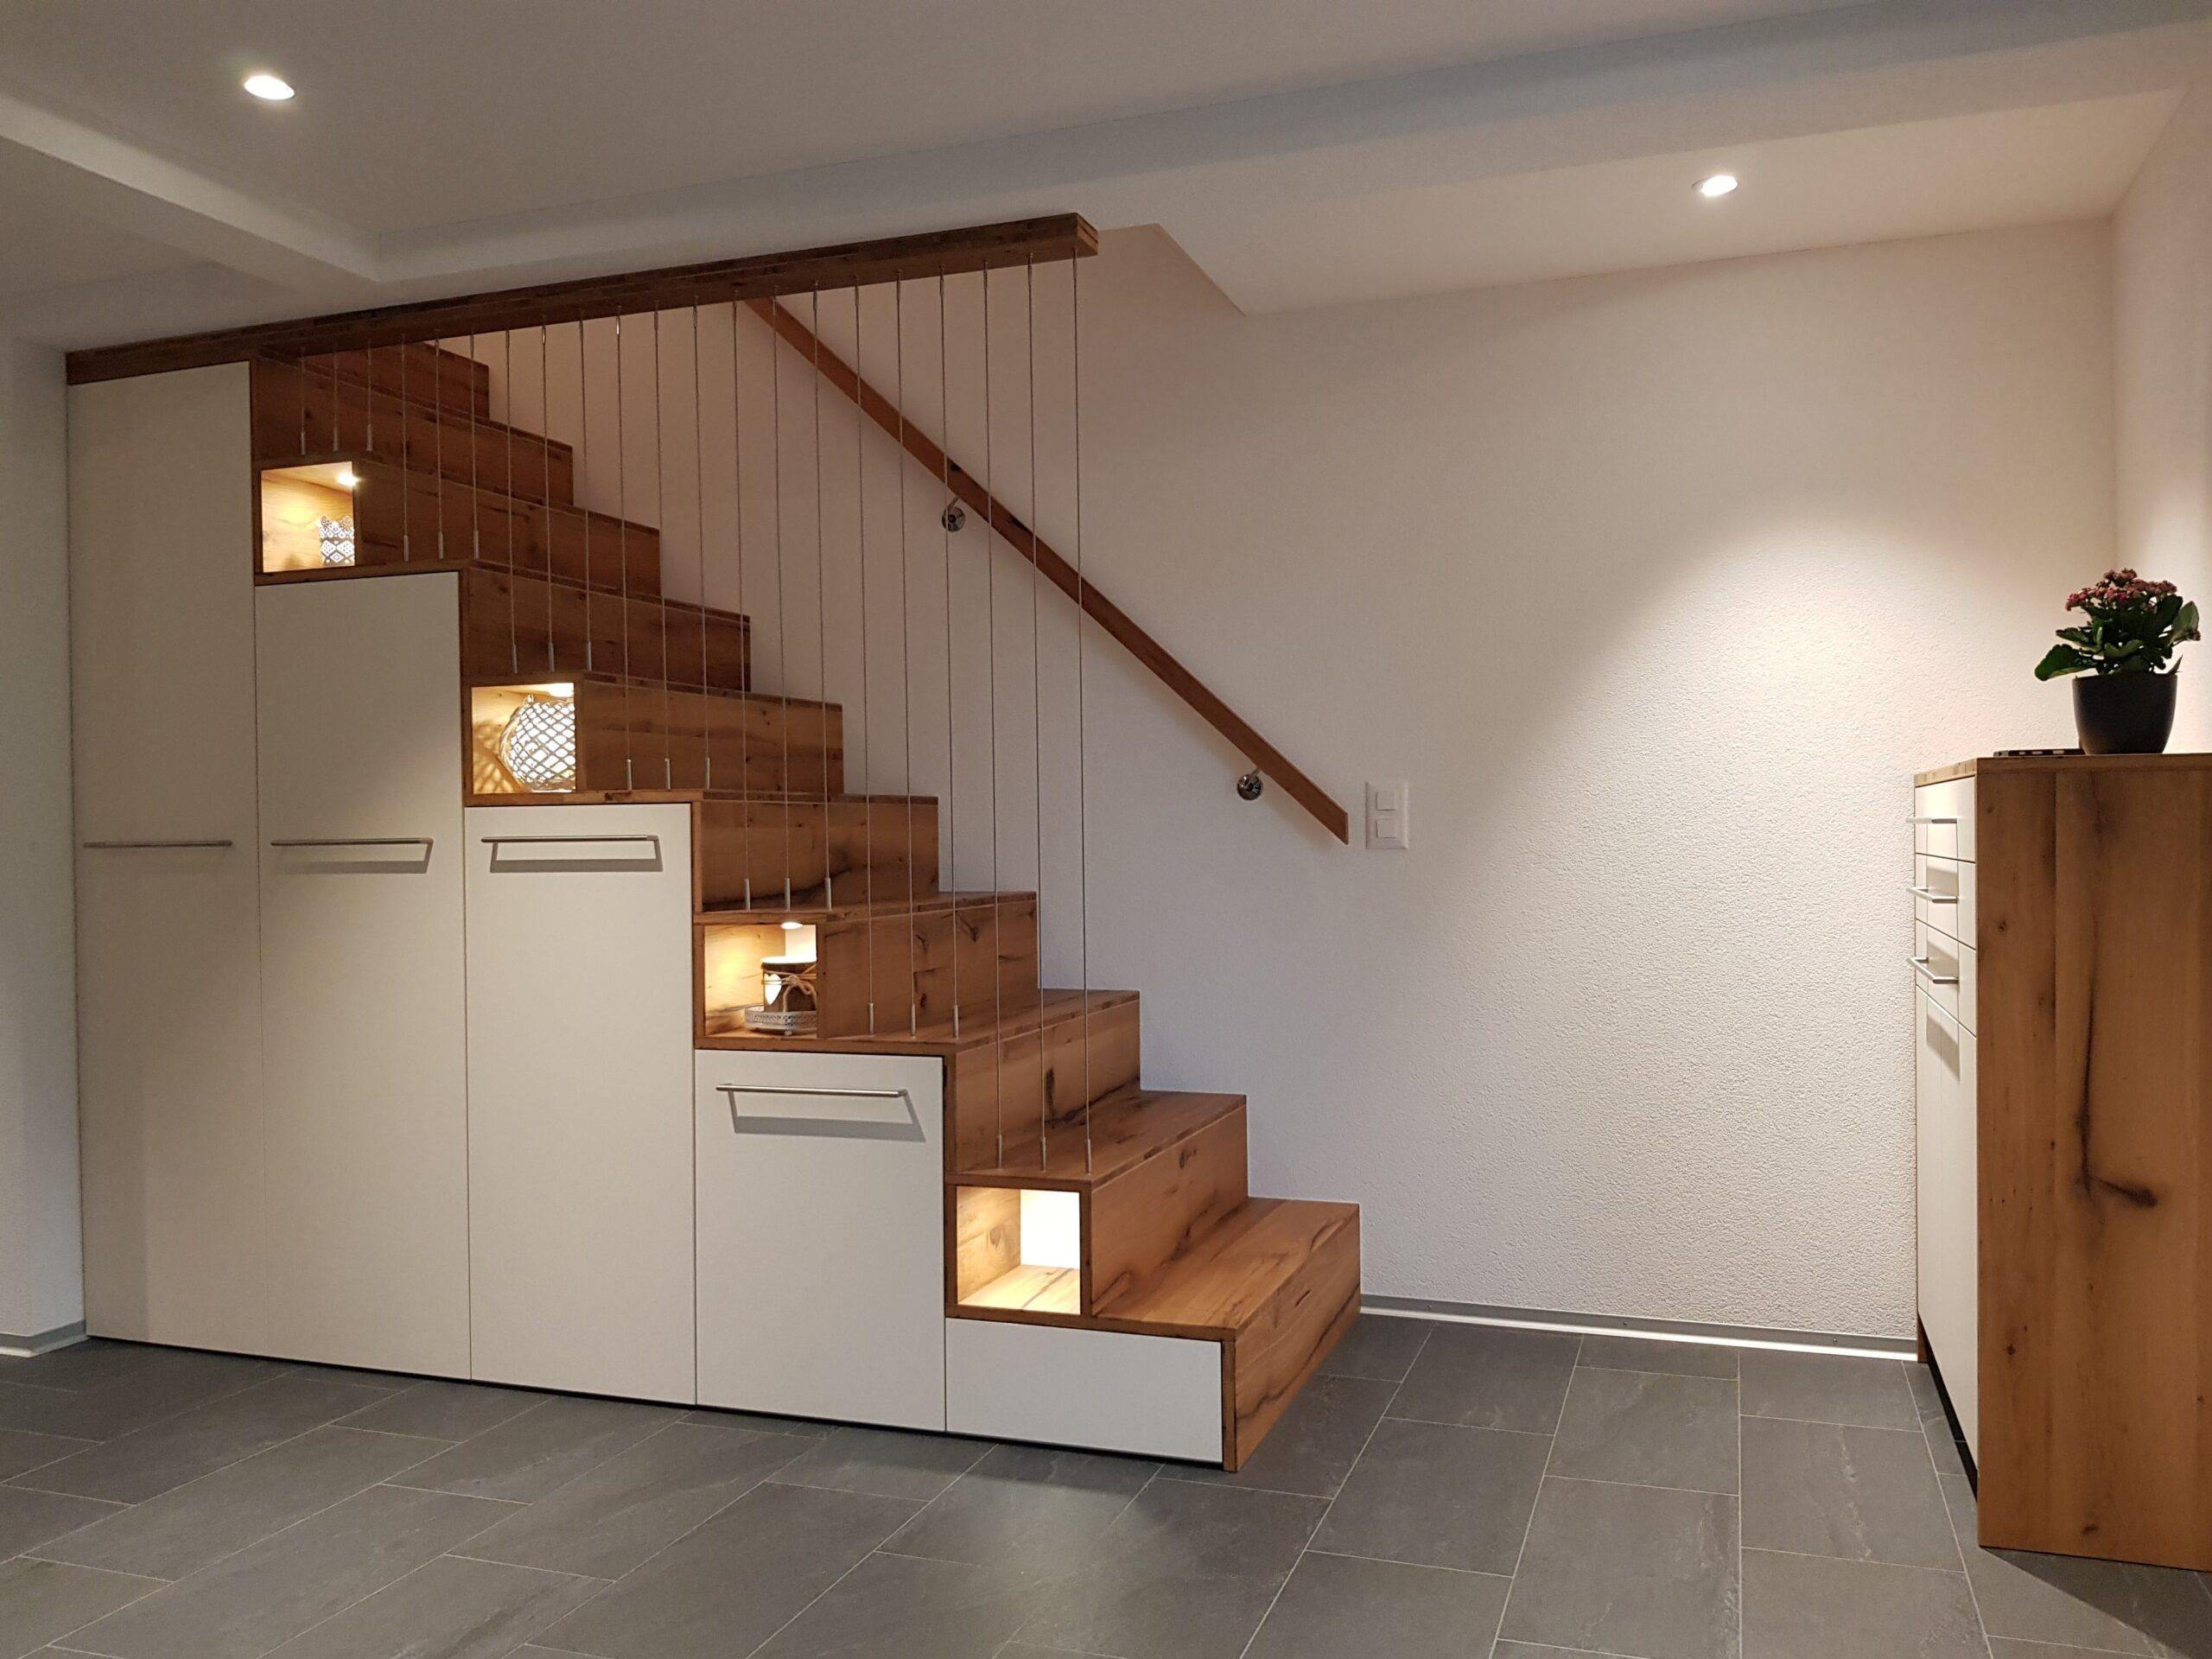 Wooddesign_Holzleuchten_LED-Beleuchtung_Licht_Indirekte Beleuchtung_Direkte Beleuchtung_Holzdesign (22)-min